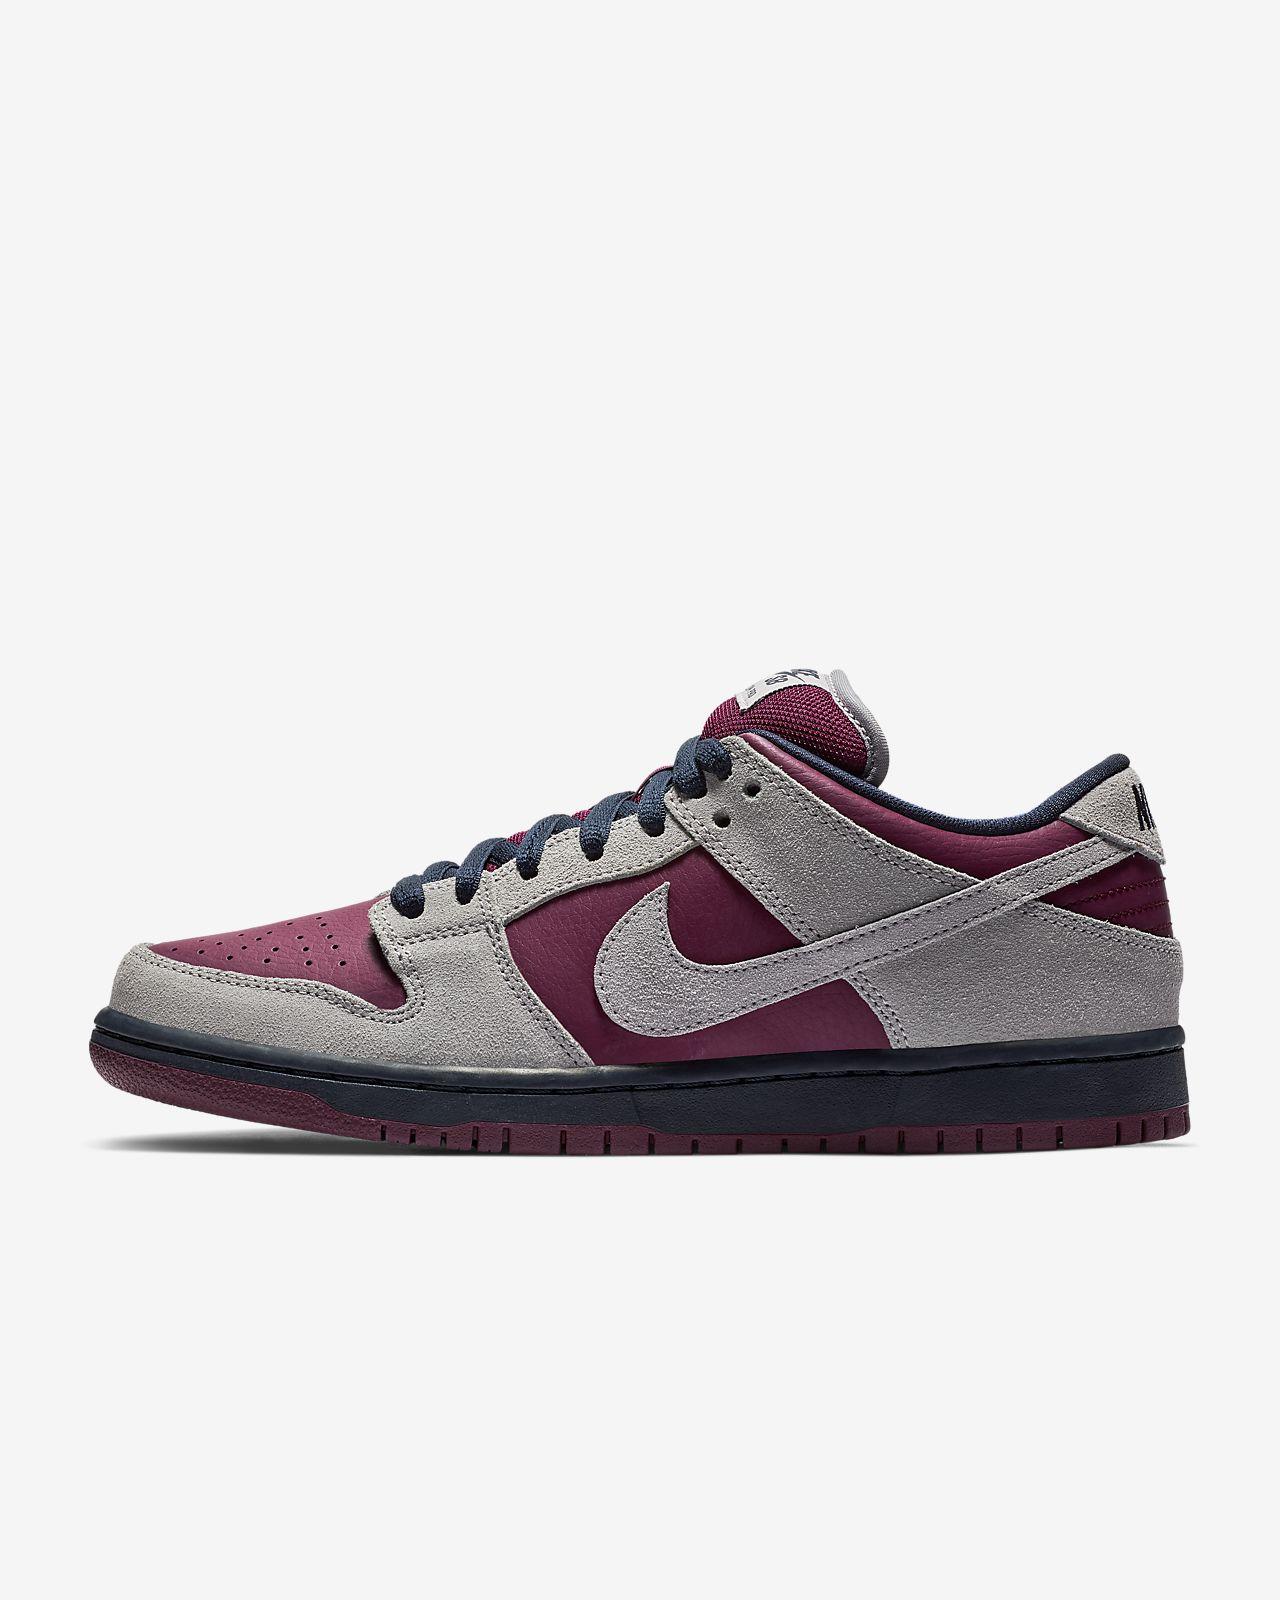 Nike SB Dunk Low Pro gördeszkás cipő